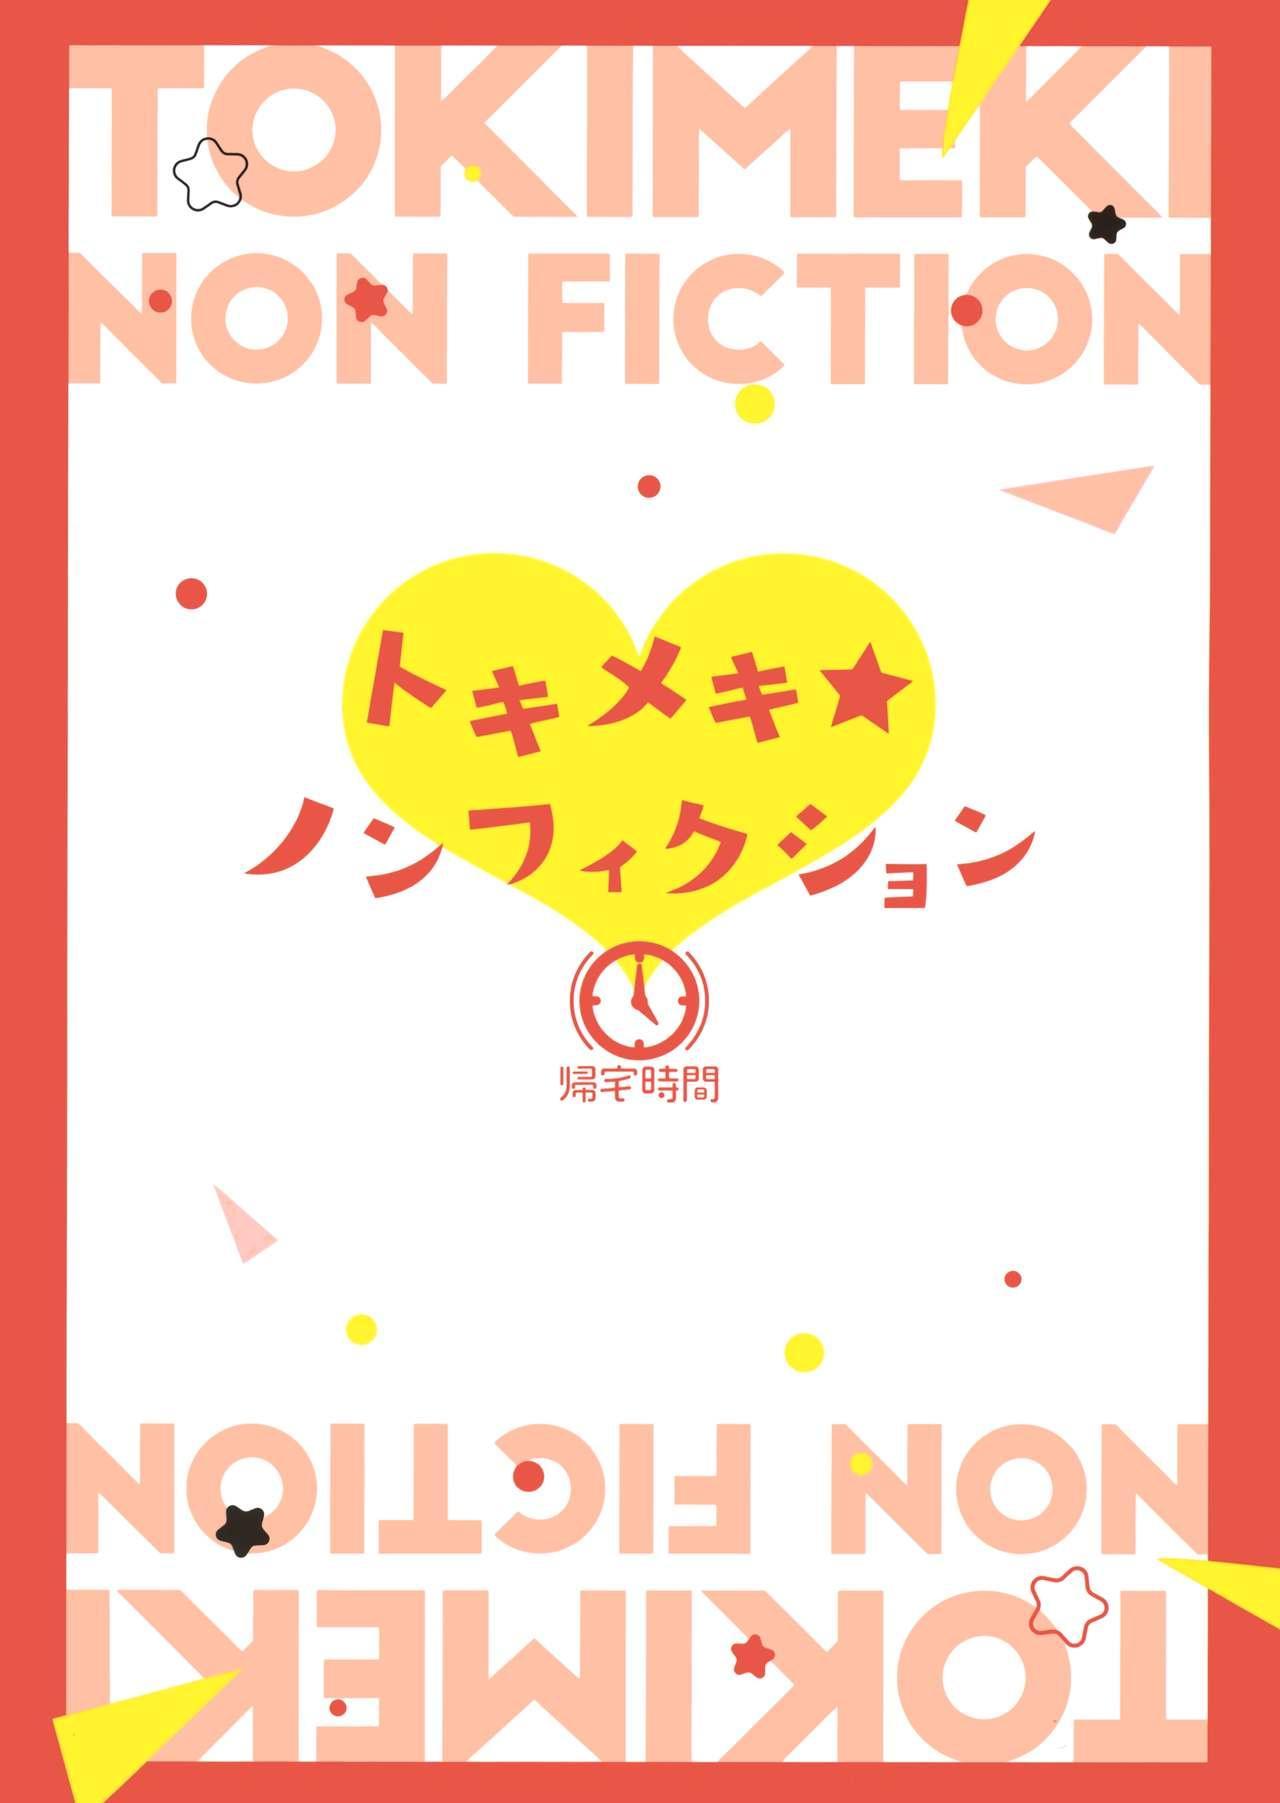 Tokimeki Nonfiction 27